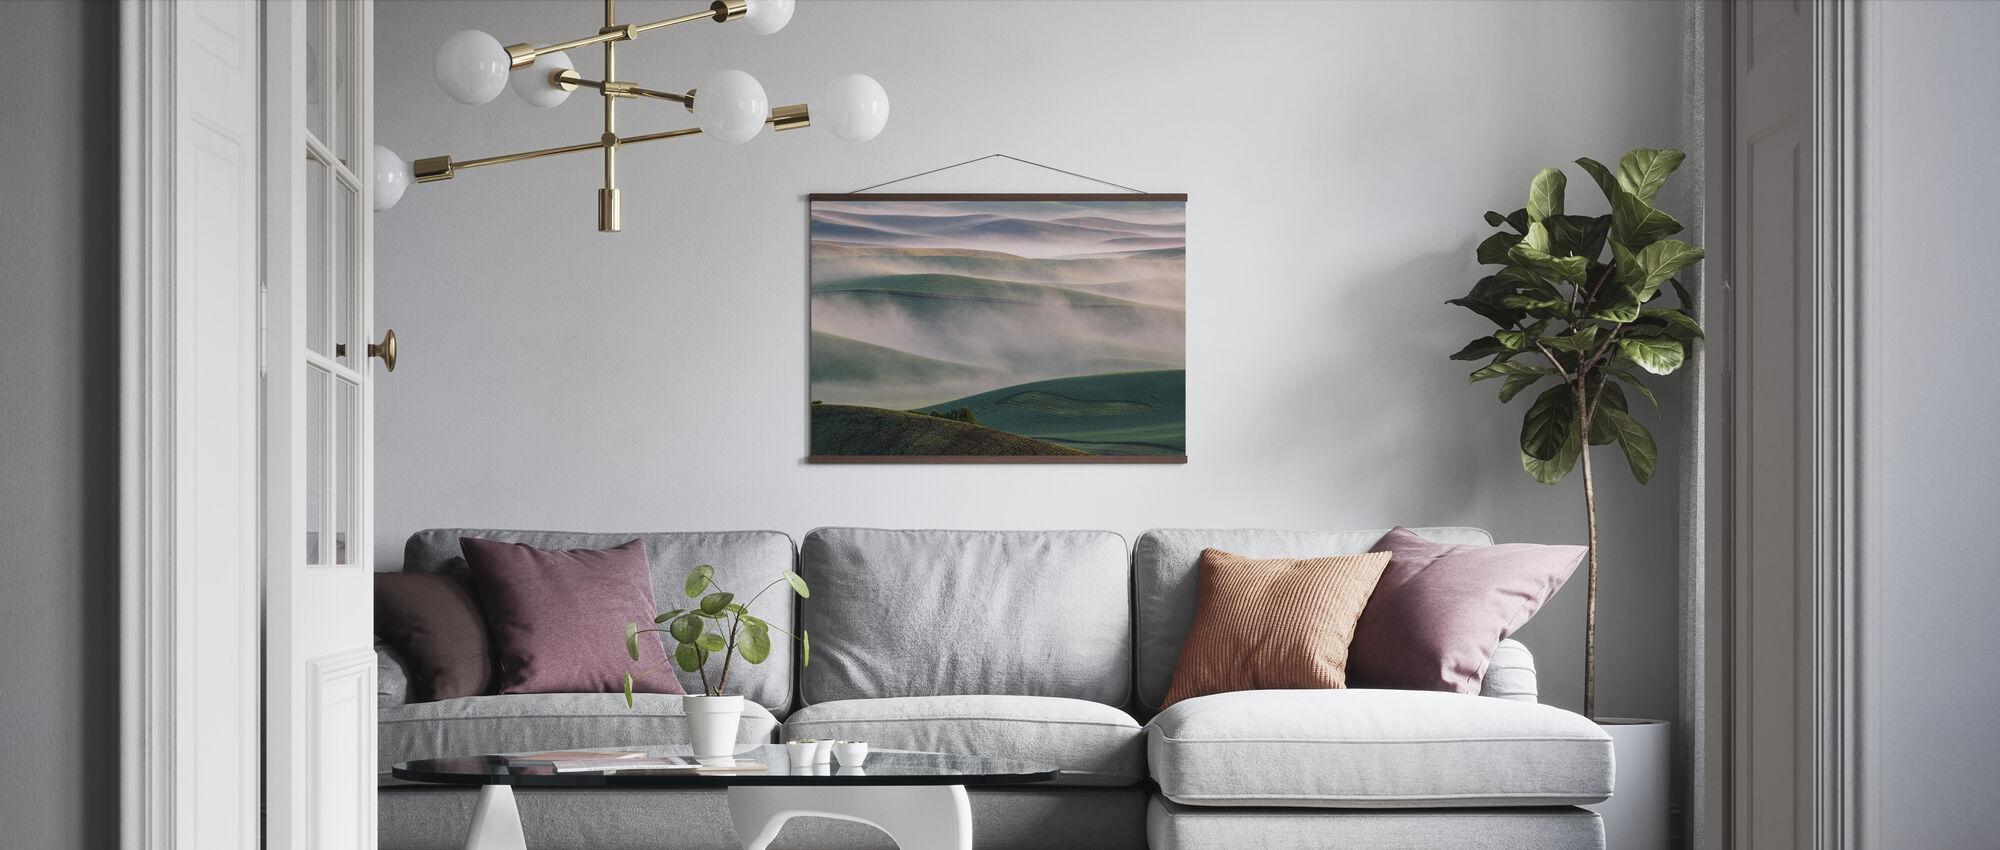 Dream Land in Morning Mist - Poster - Living Room